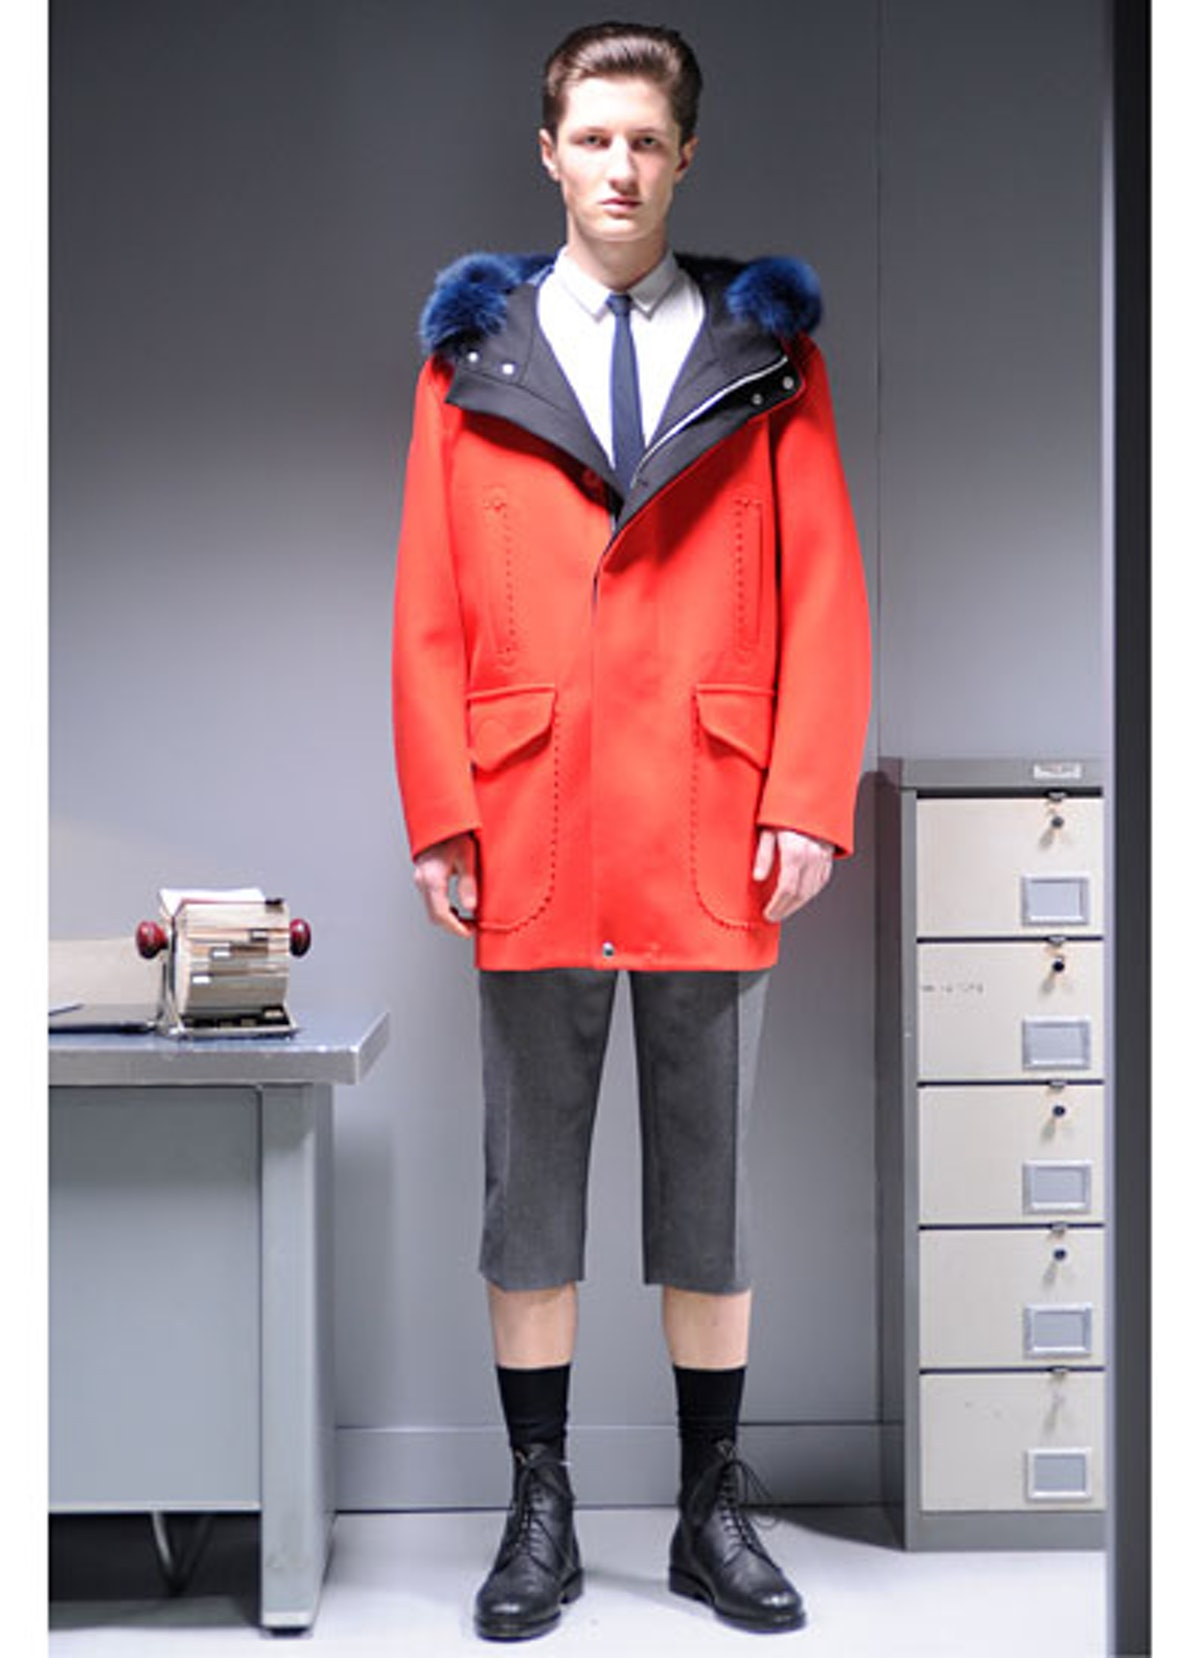 fass-mens-red-coat-trend-12-v.jpg